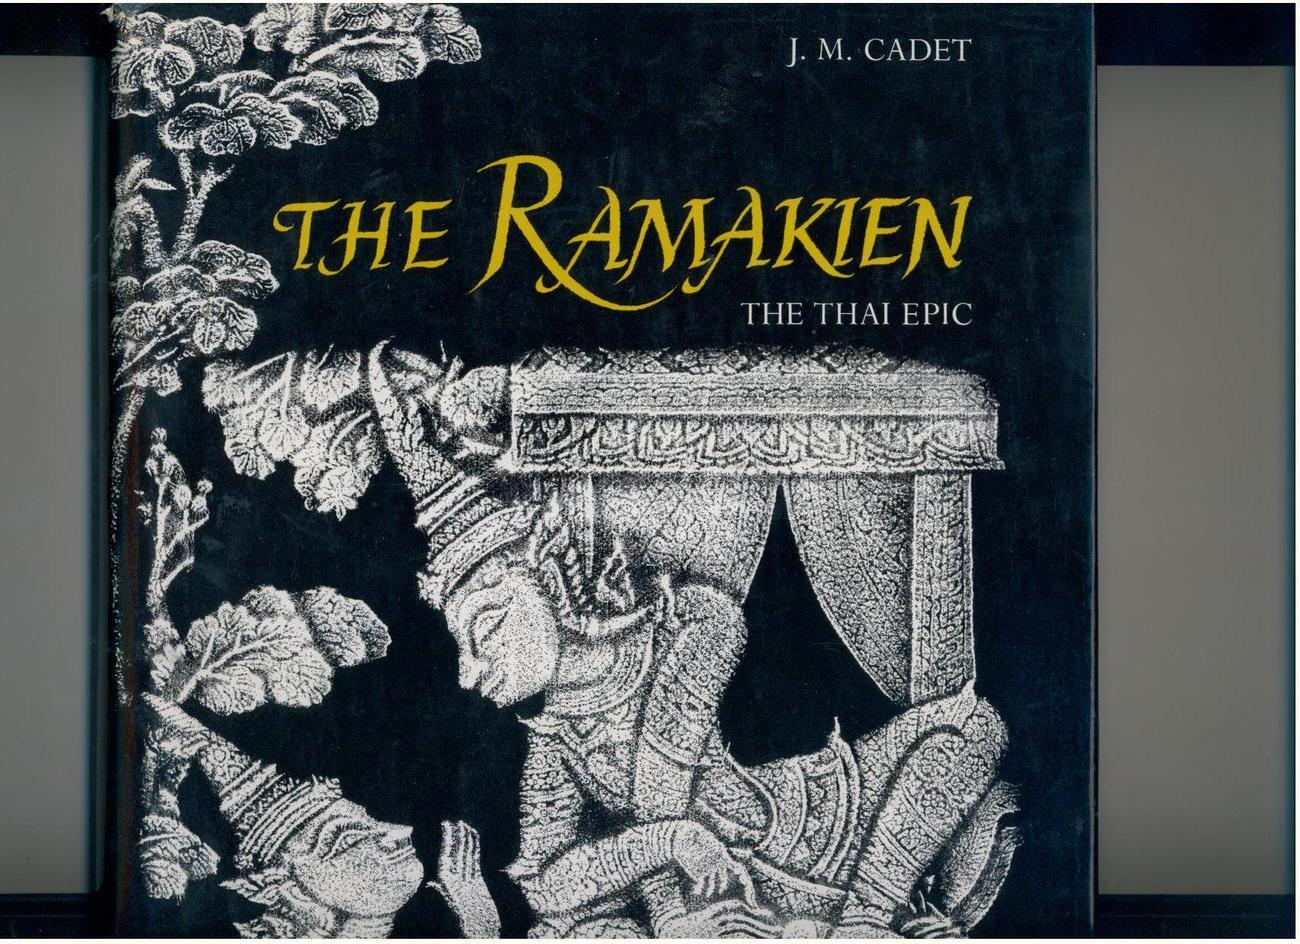 THE RAMAKIEN - Thai bas-reliefs - 1971 1st ed. - VERY SCARCE